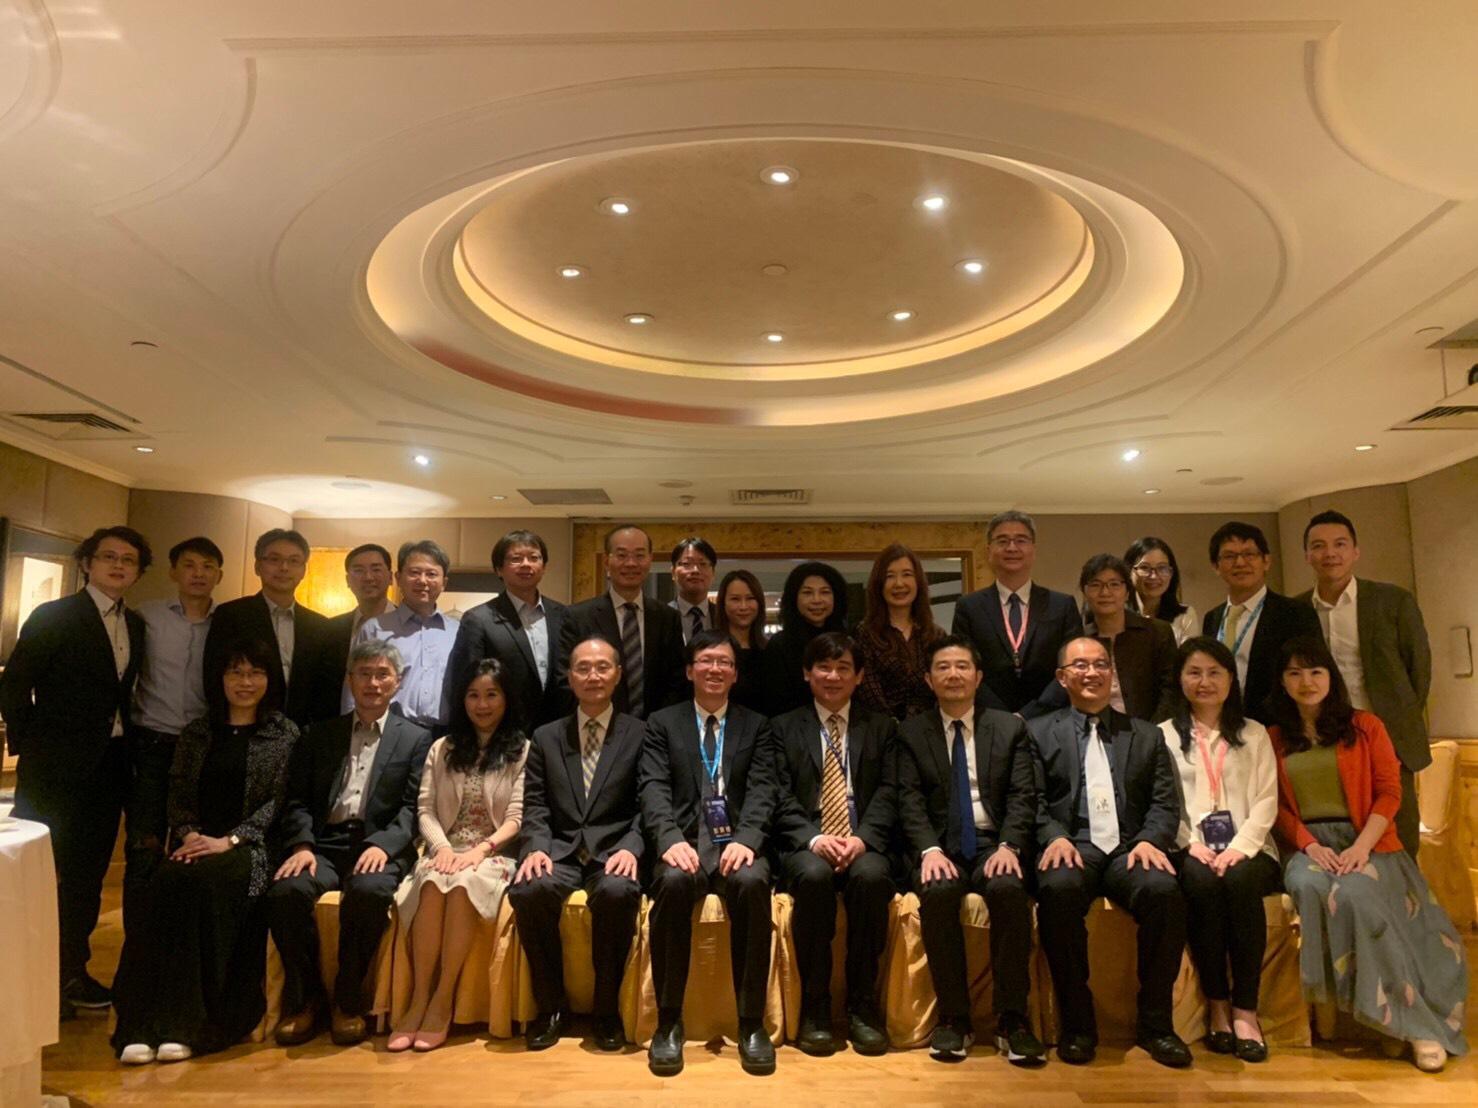 祝贺陳美齡醫師當選中華民國醫用雷射光電醫學會理事